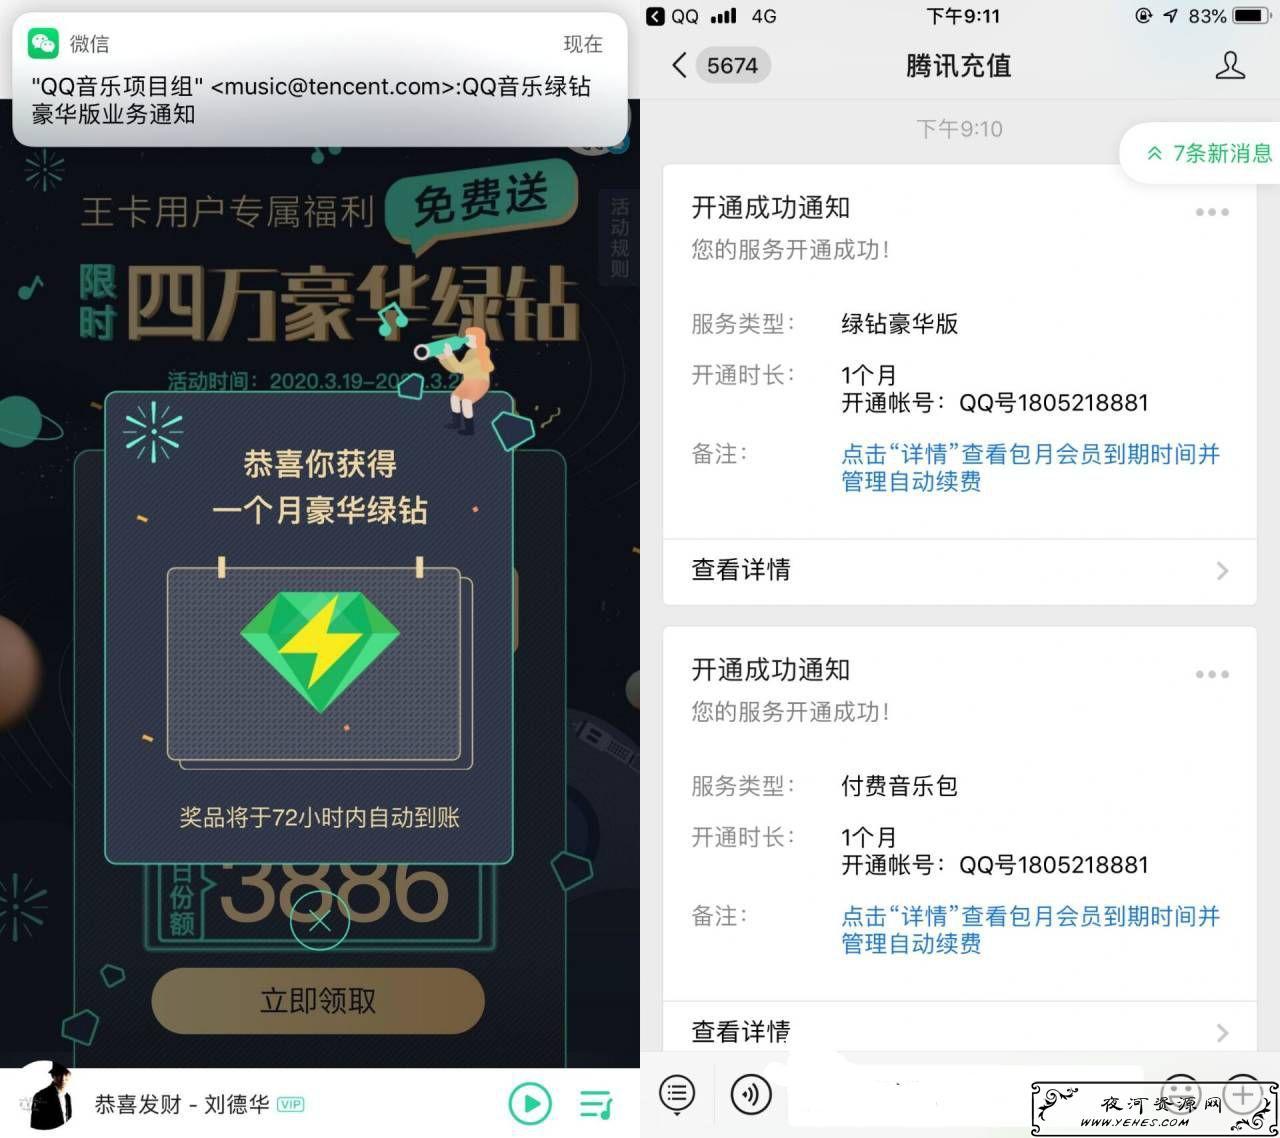 腾讯大王卡用户免费领取30天豪华绿钻